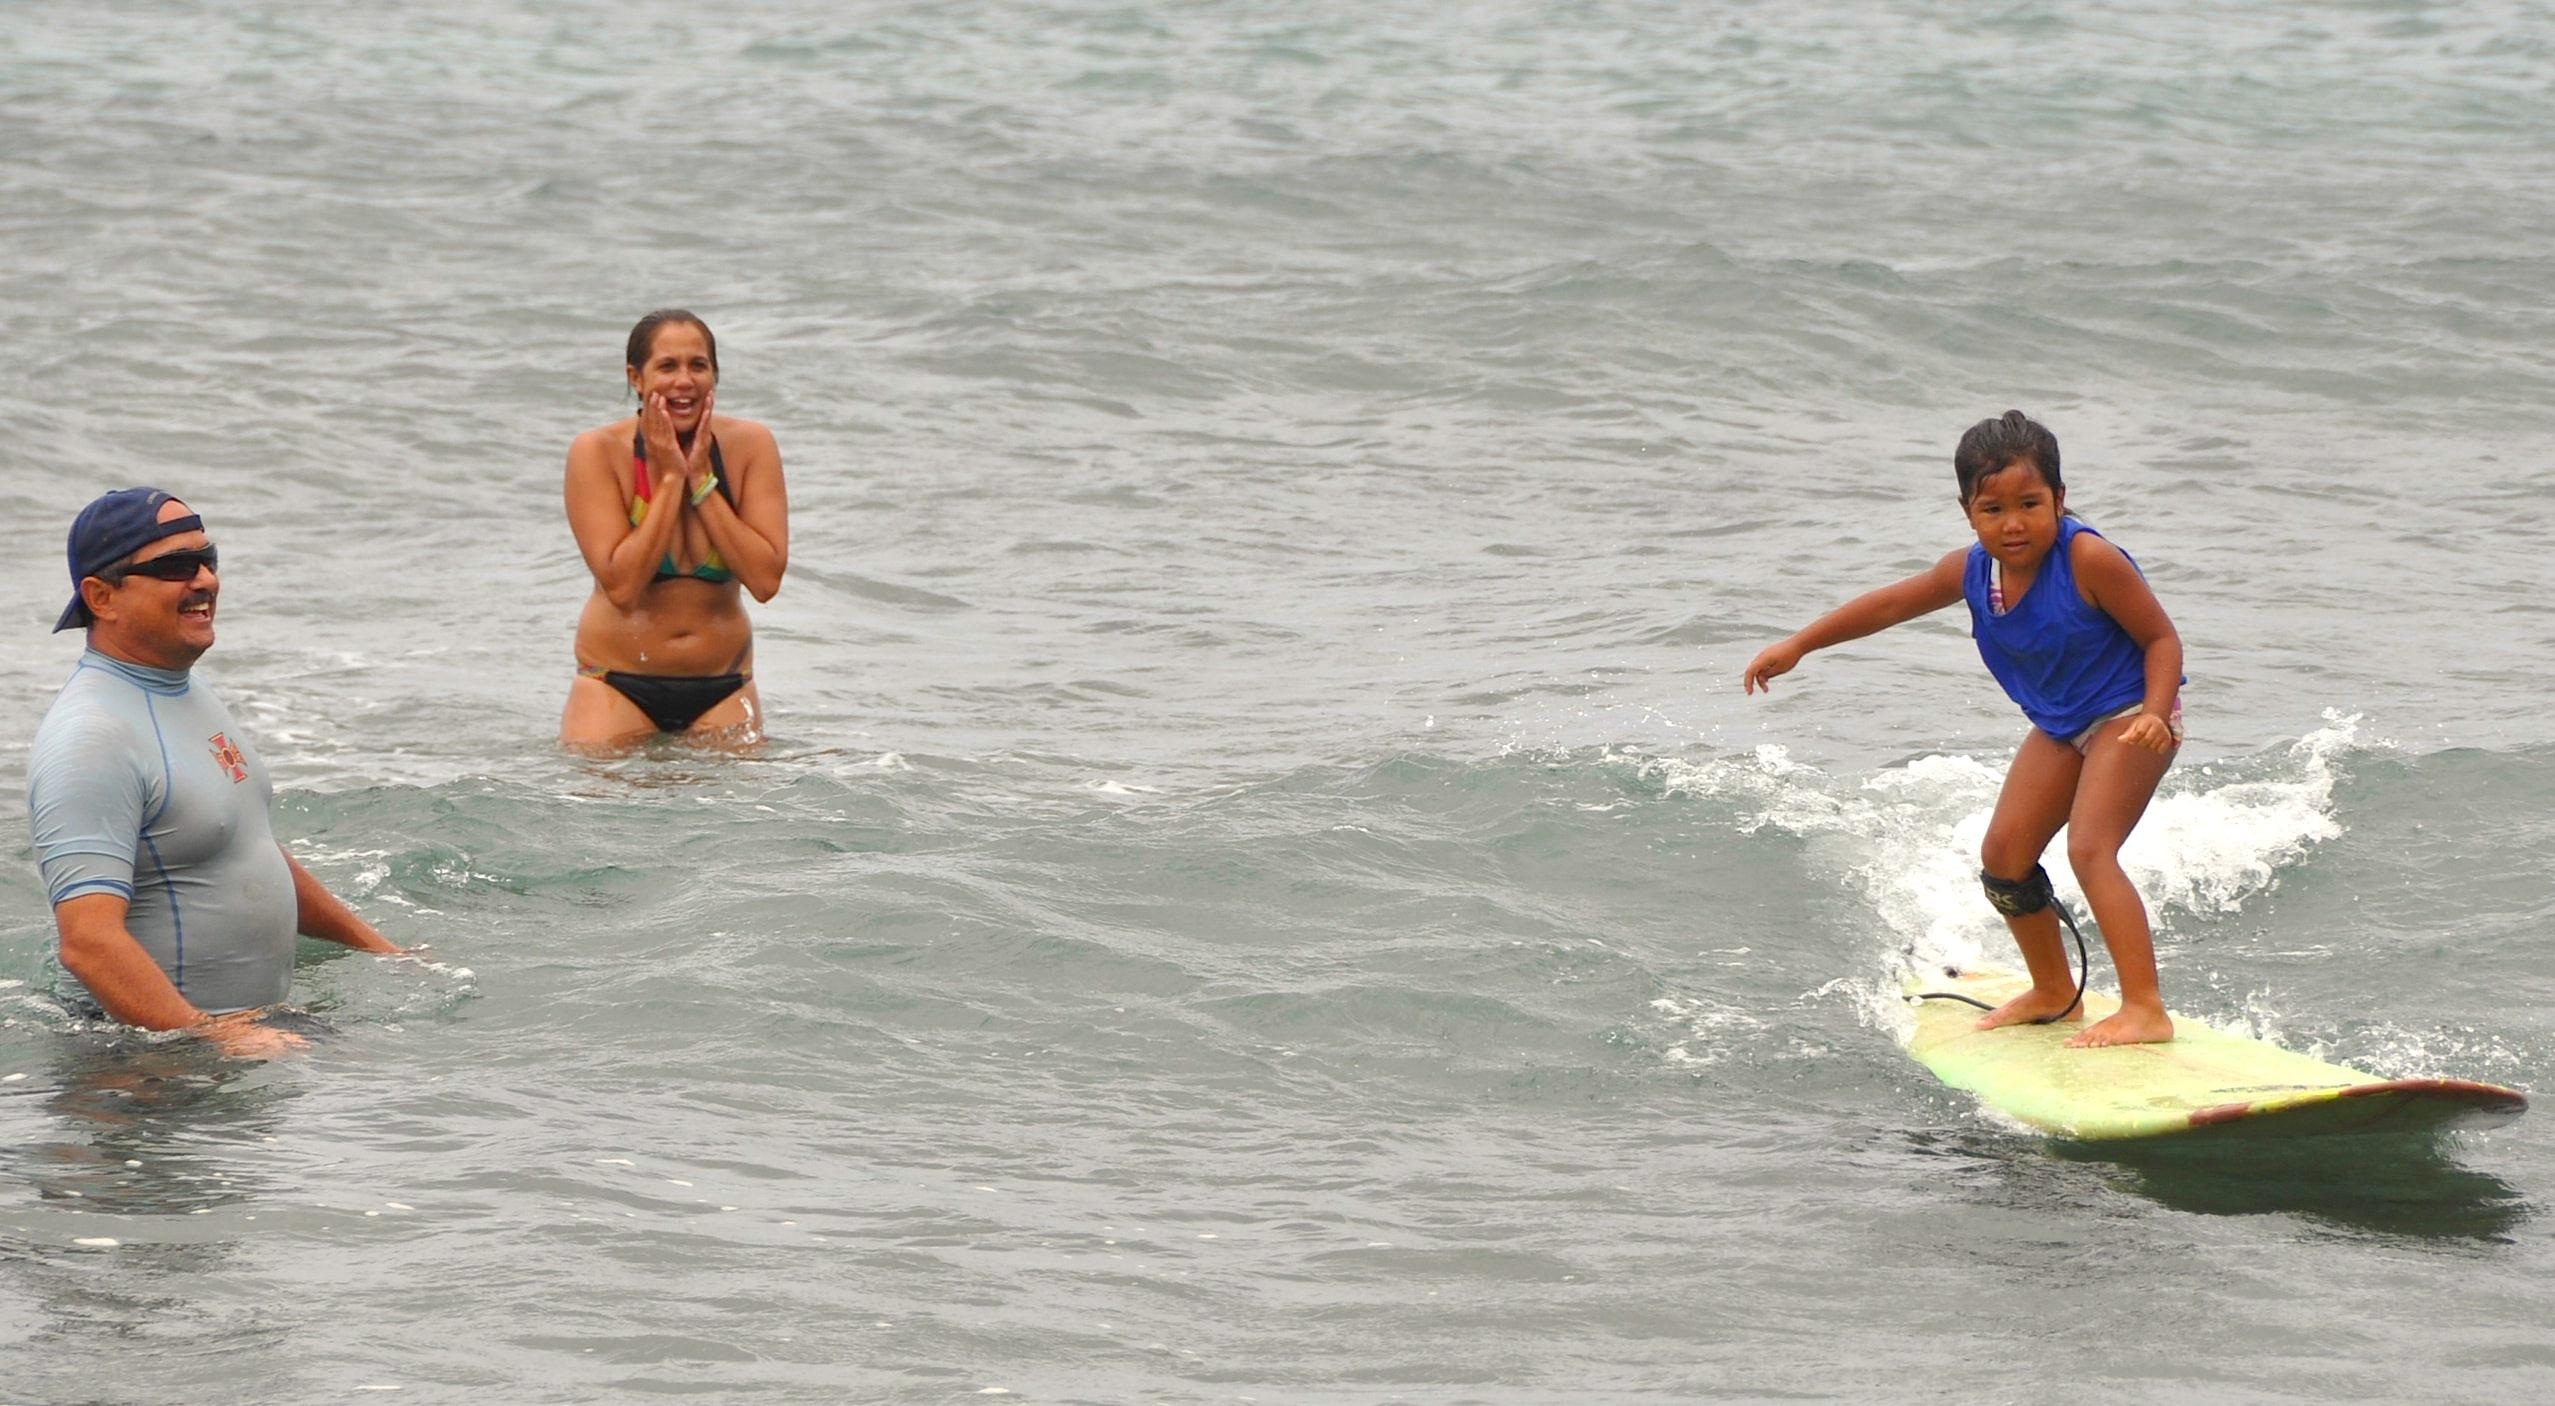 Ko Molokai Keiki O Ke Kai Summer Surf meet holds second event